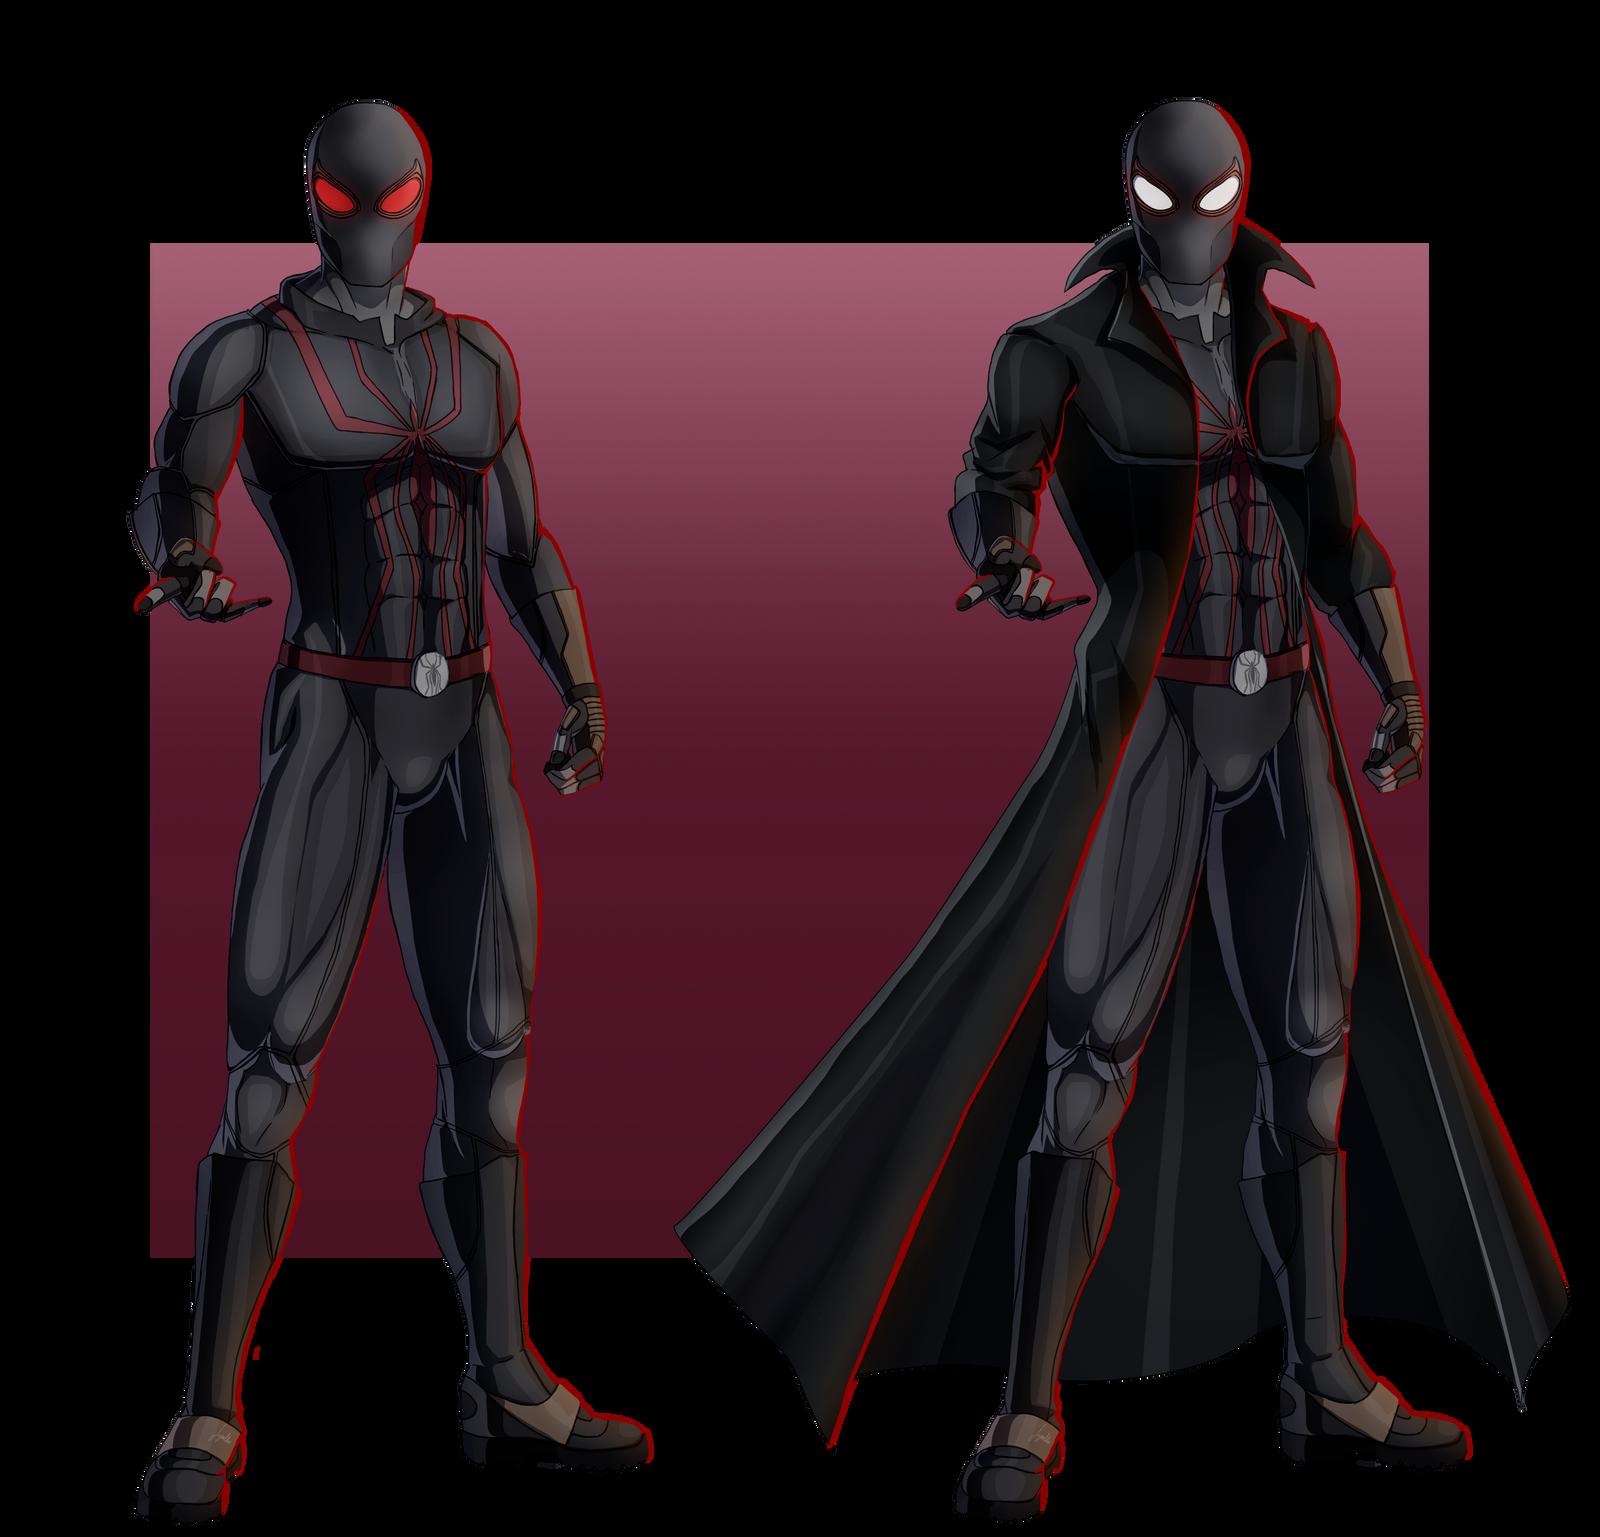 design concept outfit spider noir by jeyrablue on deviantart. Black Bedroom Furniture Sets. Home Design Ideas